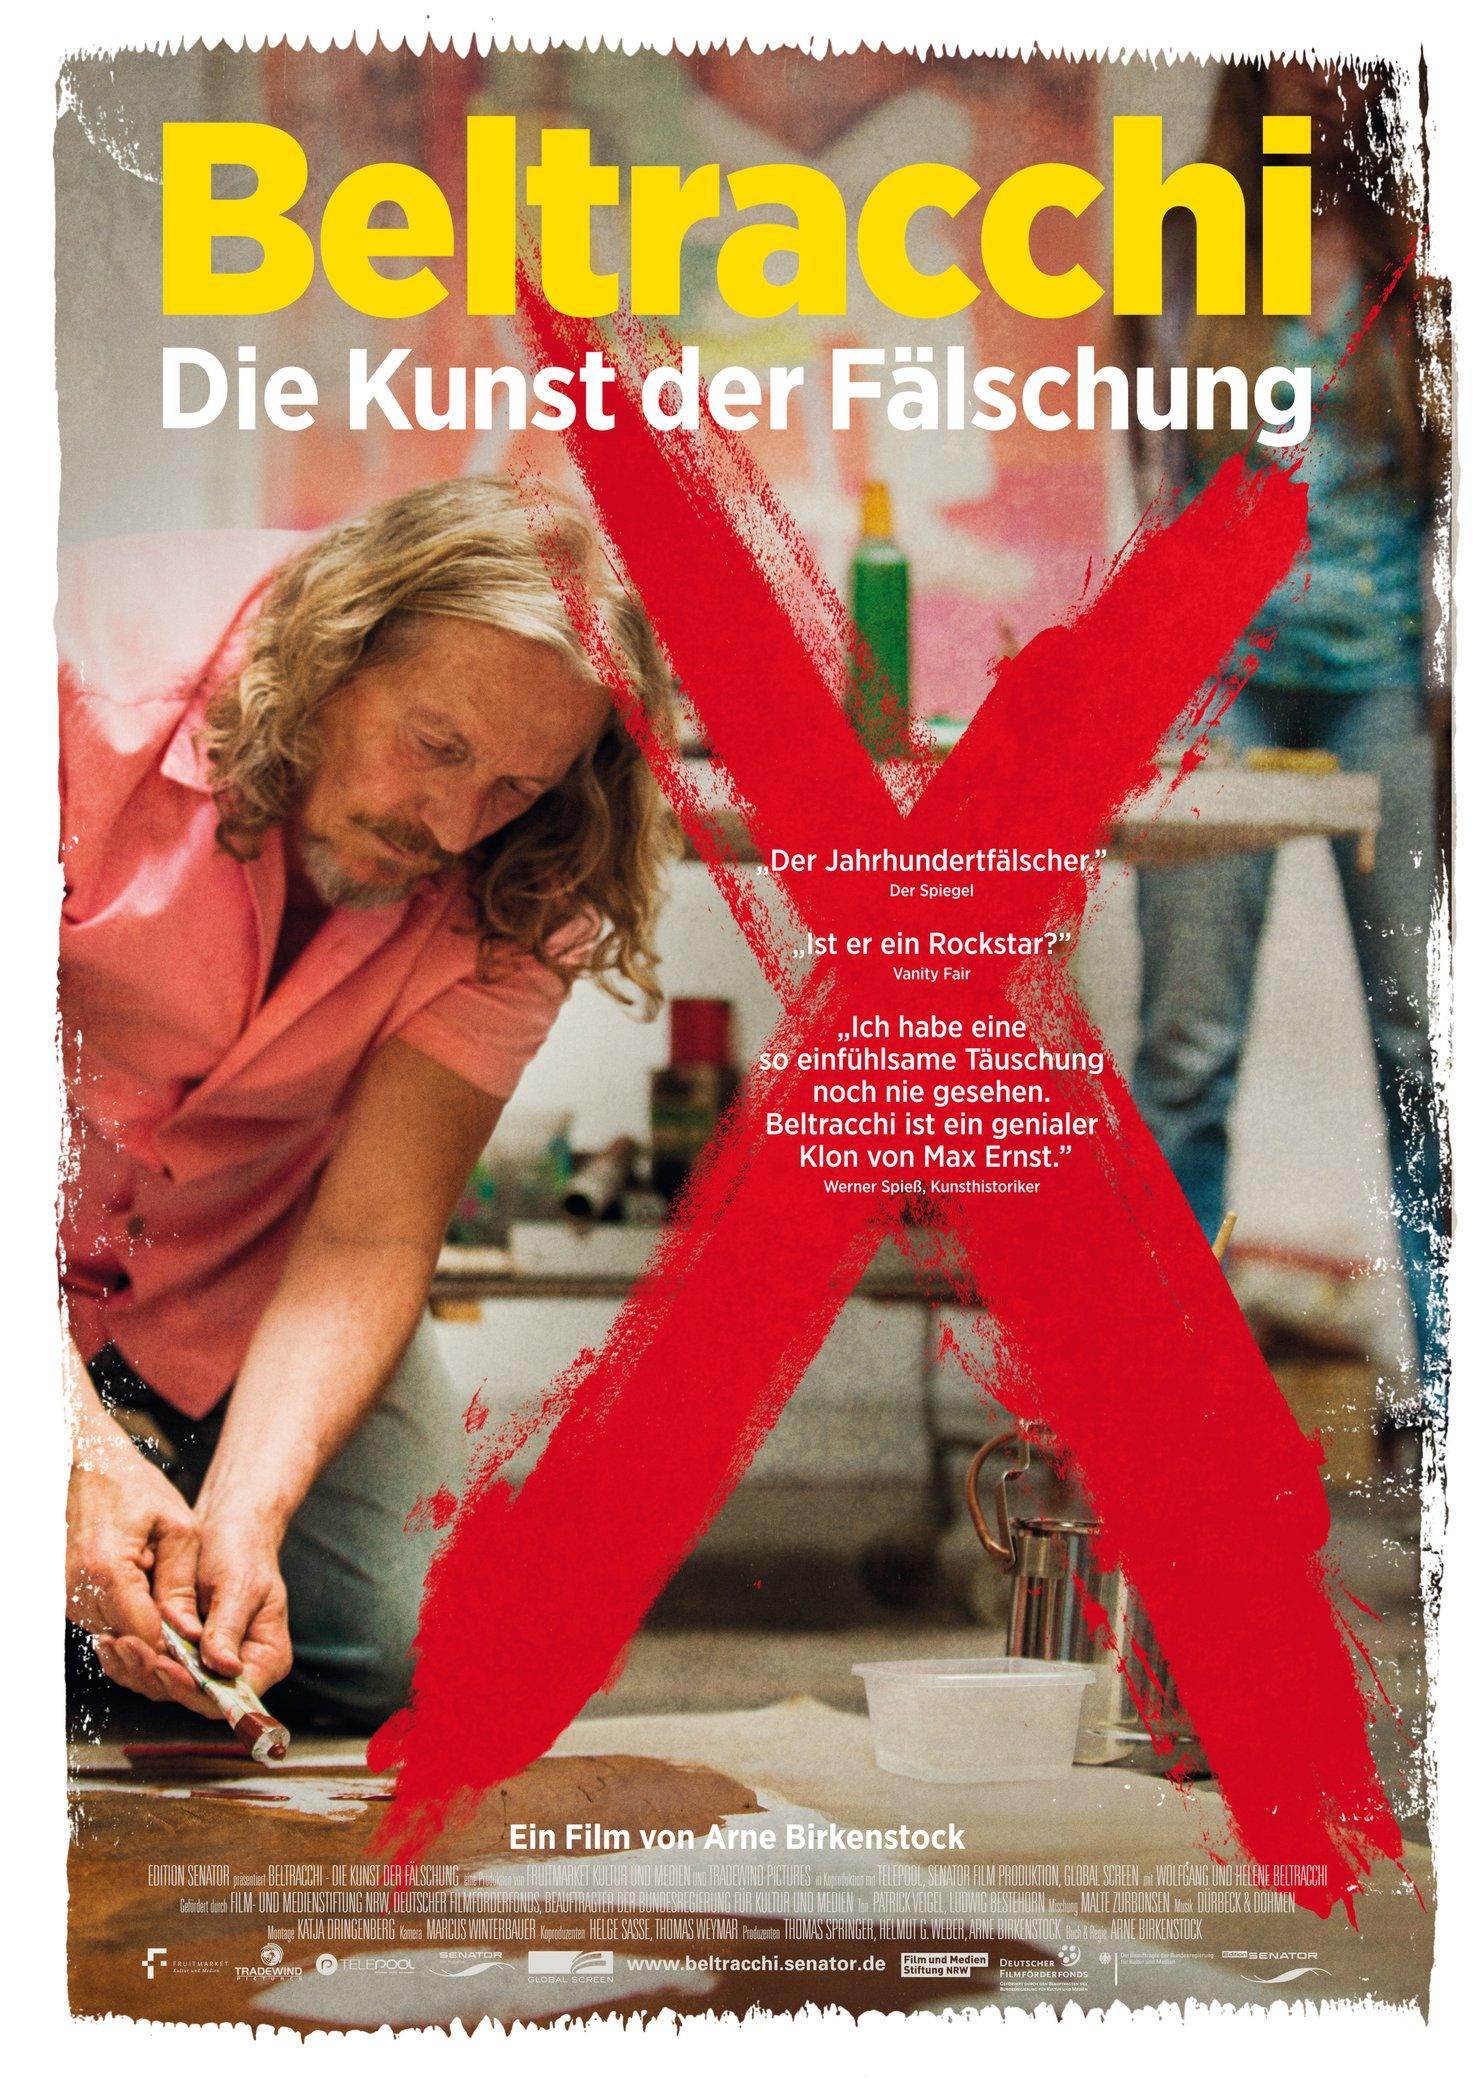 Beltracchi - Die Kunst der Fälschung (Poster)